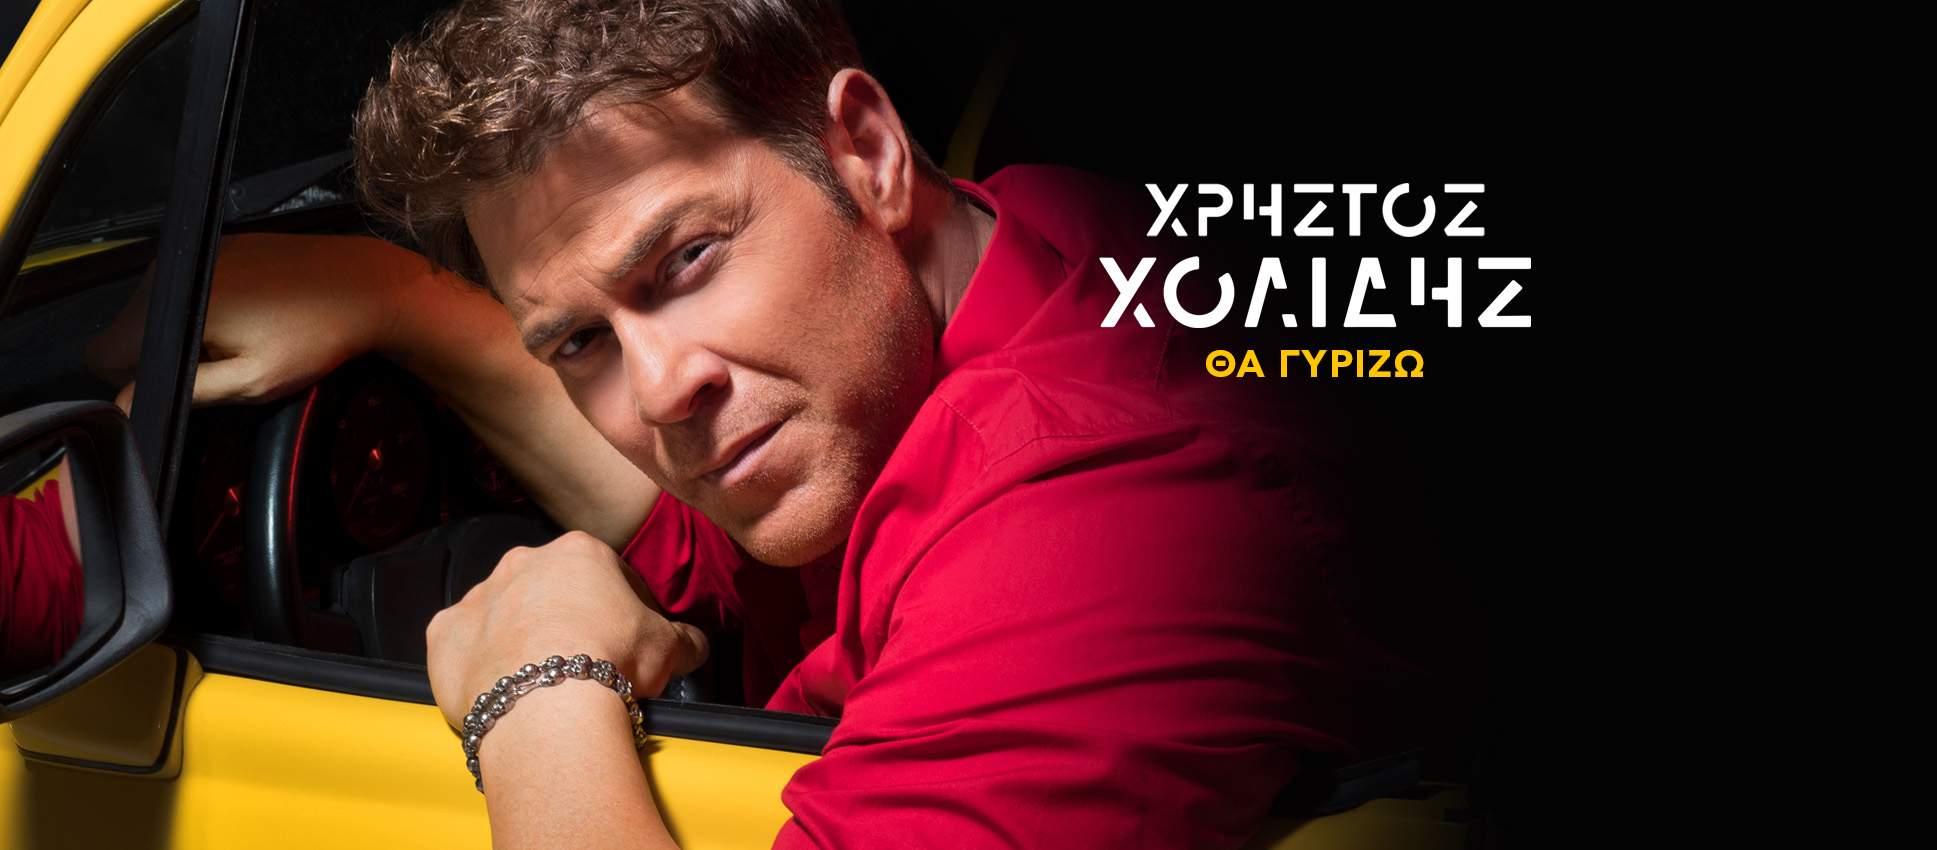 Ο Χρήστος Χολίδης «γυρίζει» στο κέντρο της Αθήνας, για τις ανάγκες του νέου του κλιπ